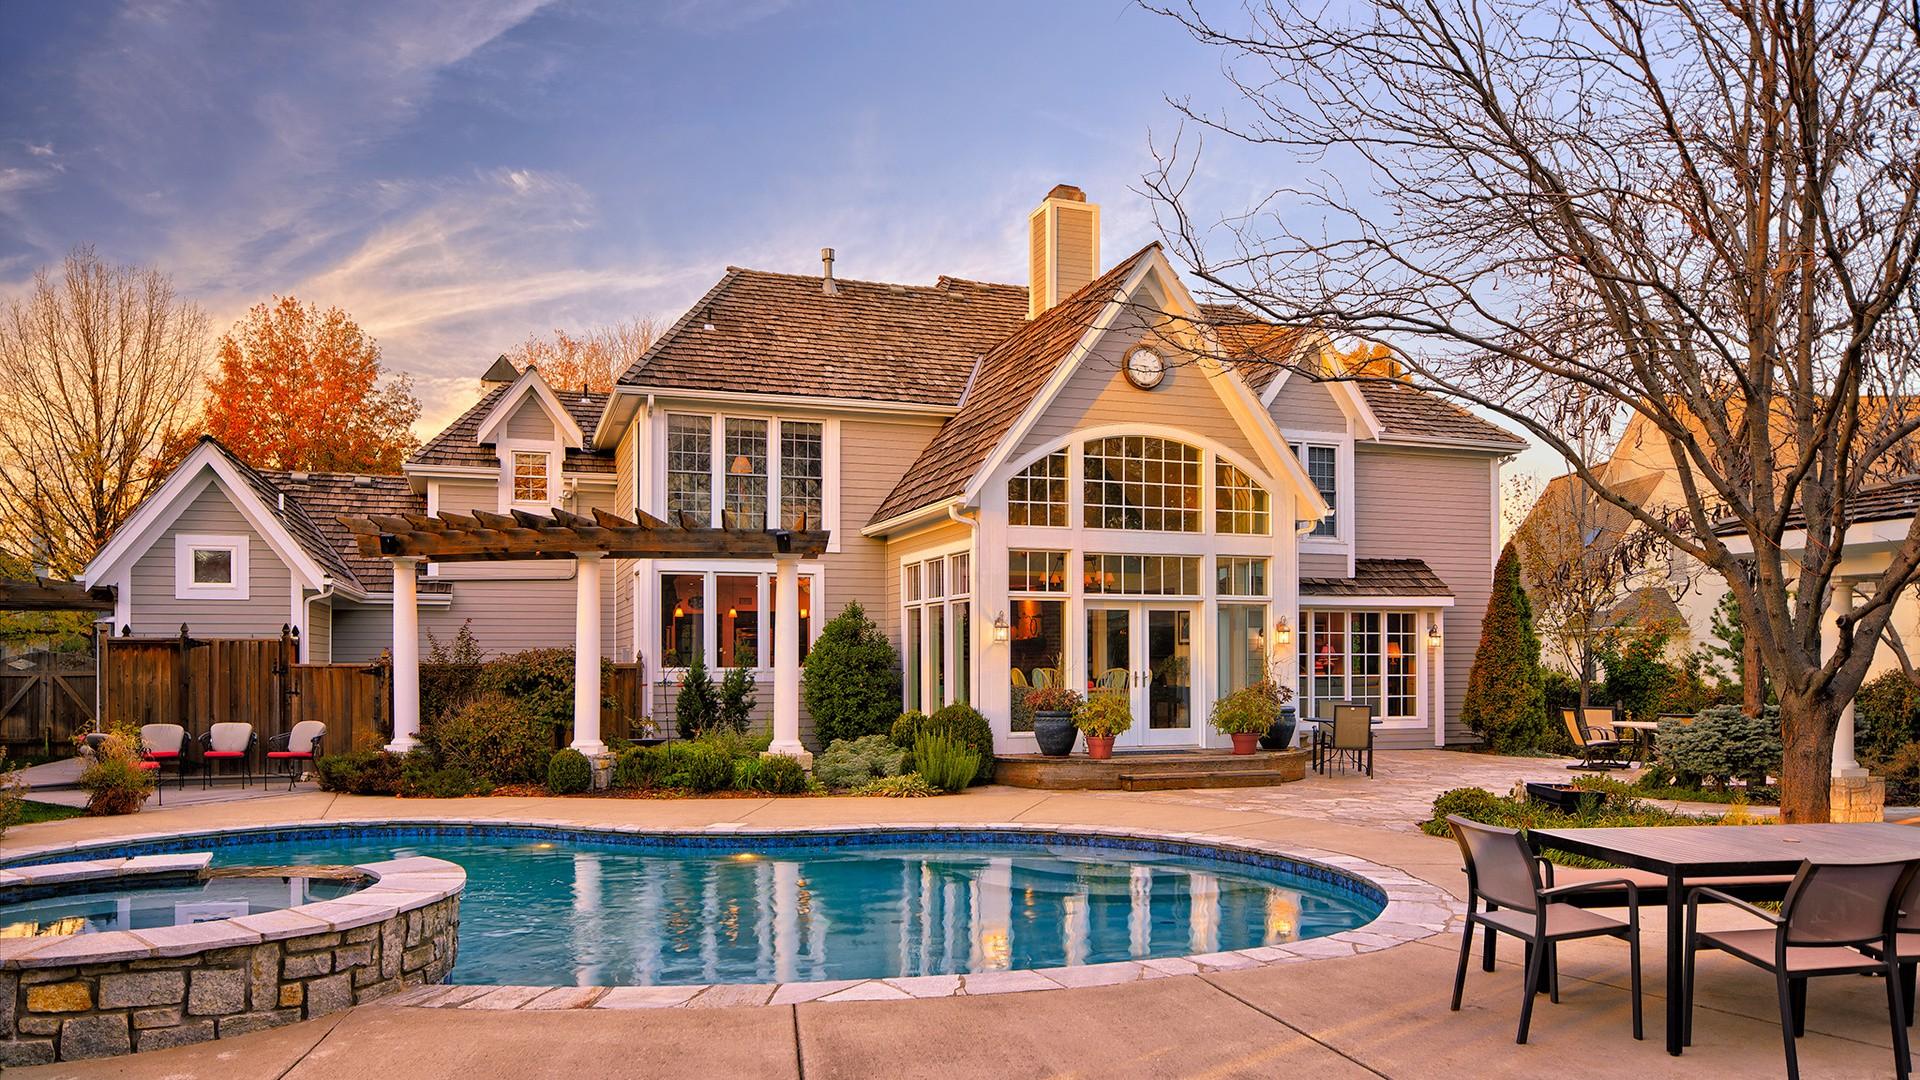 Wallpaper : Building, House, Swimming Pool, Resort